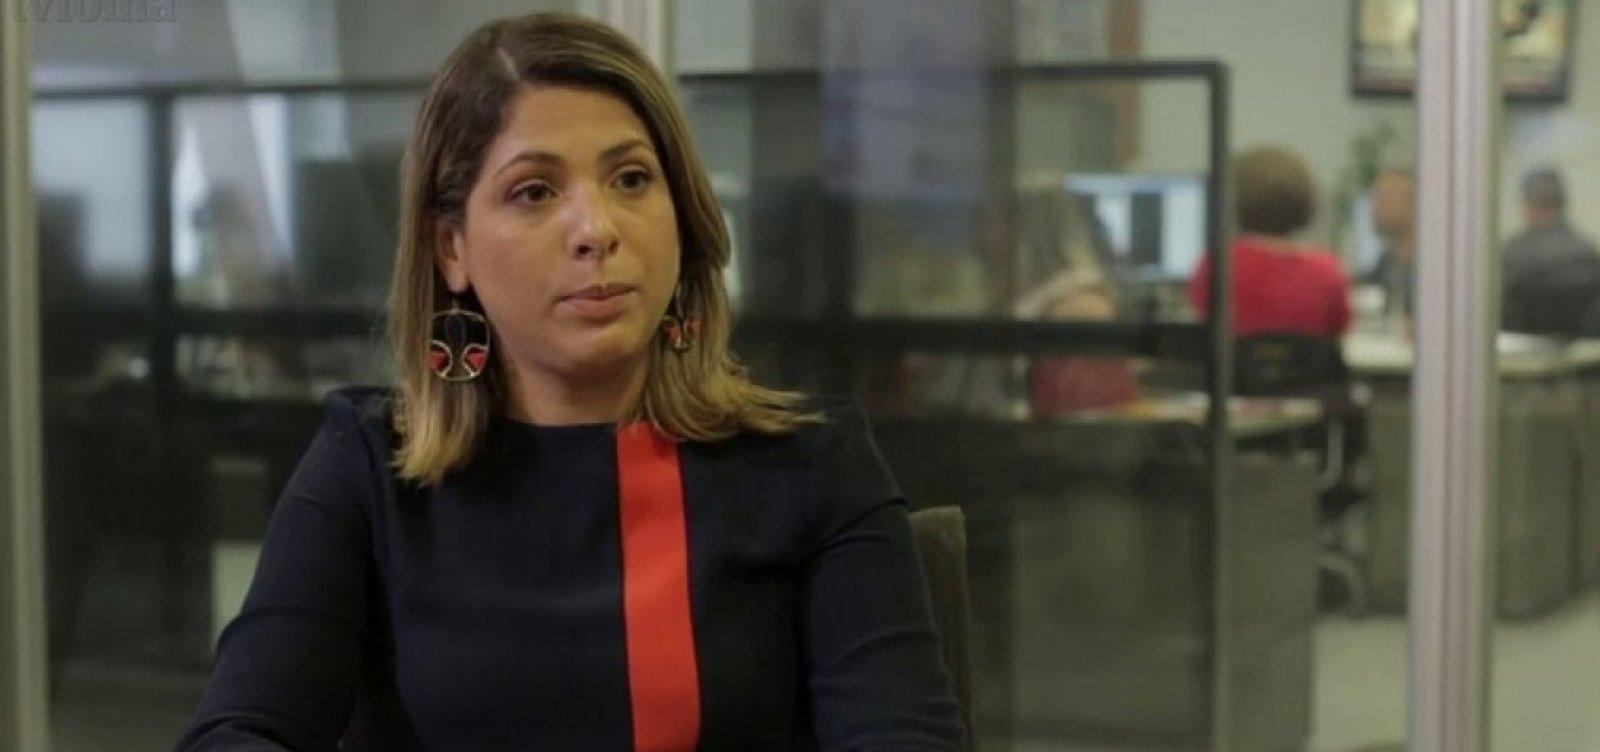 Para jornalista, 'falta clareza' de equipe de Bolsonaro na Saúde e Educação